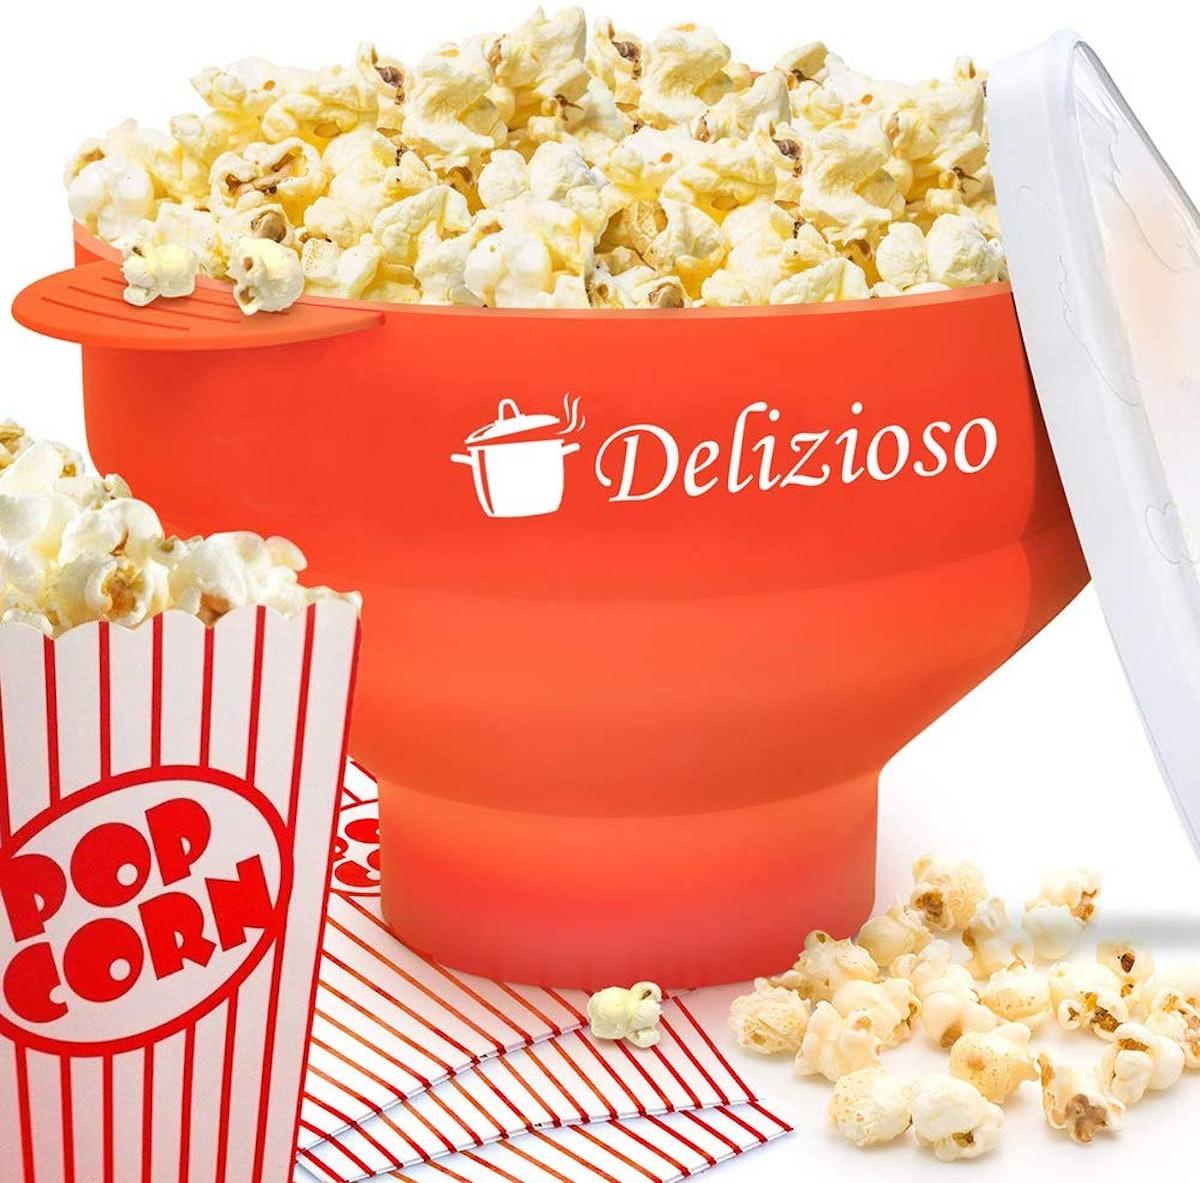 The Original Delizioso Microwave Popcorn Popper